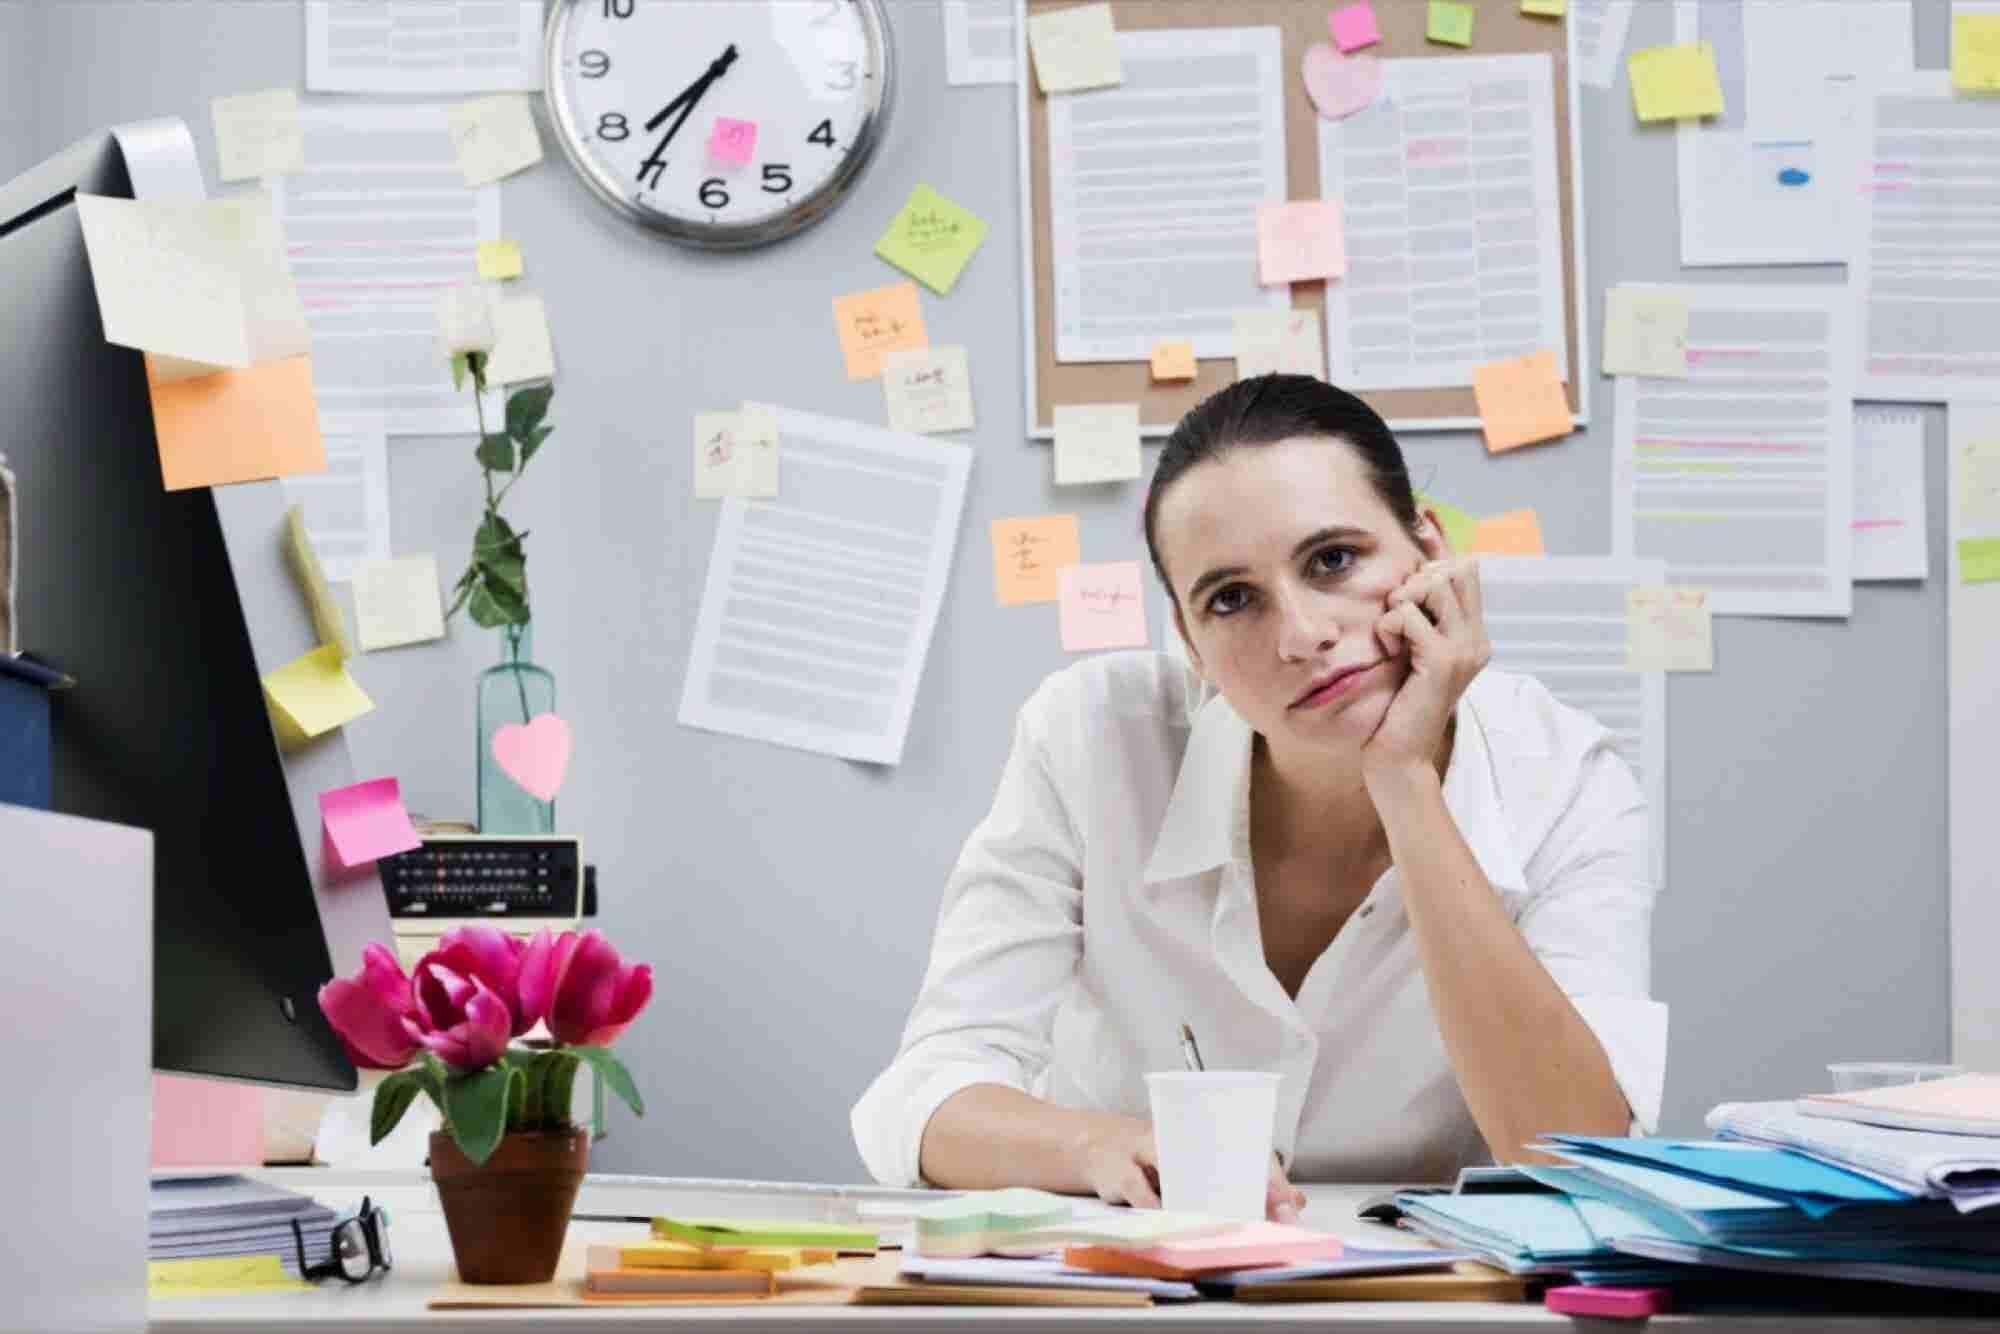 Signos de que tu empleado favorito quiere renunciar